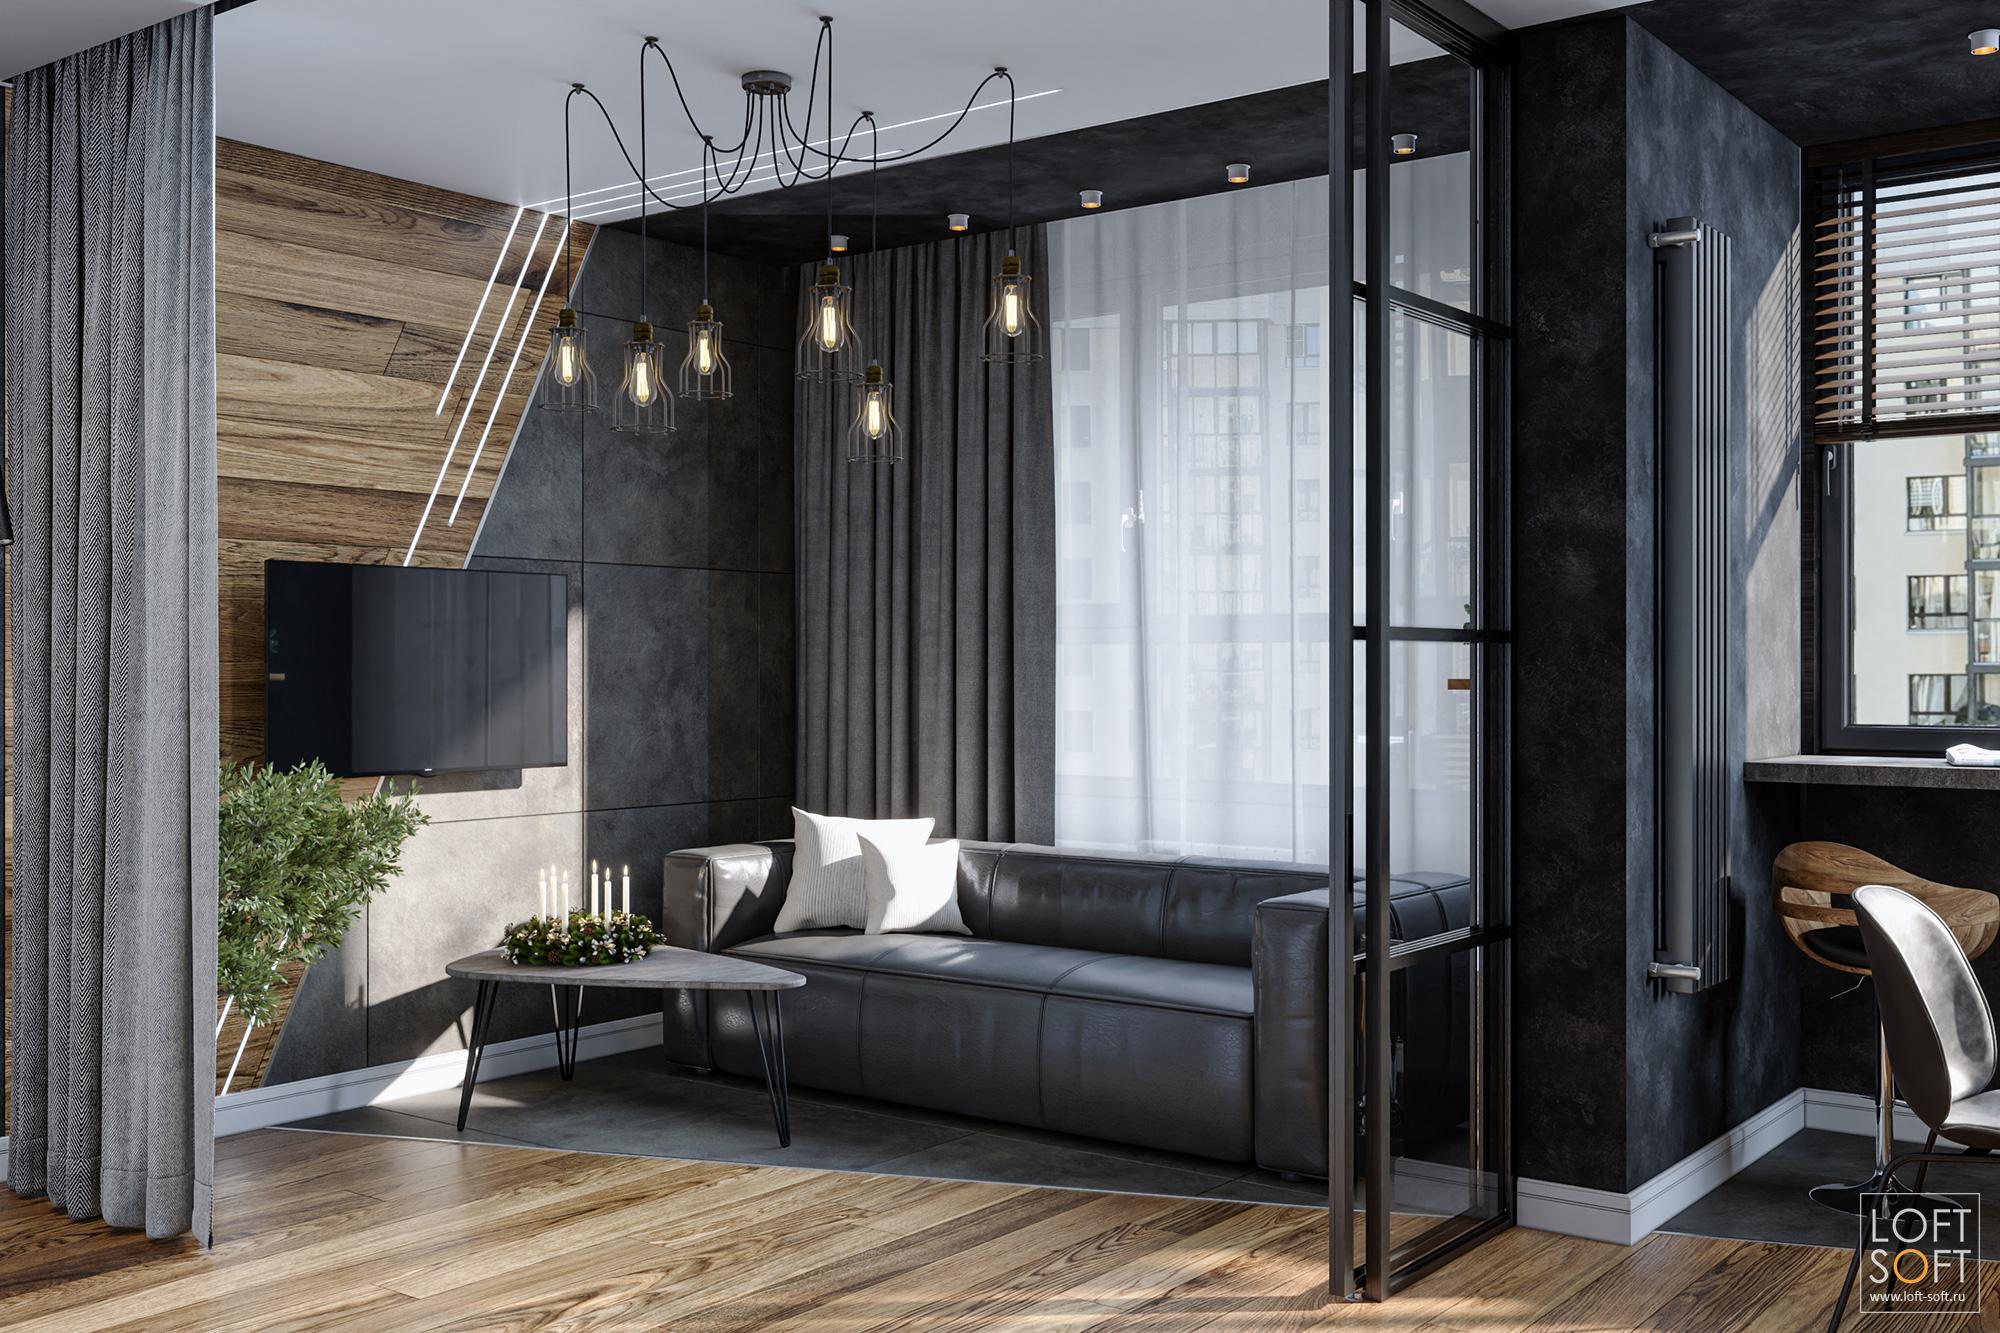 Диагональный декор втёмном интерьере, разделение спального места воднокомнатной